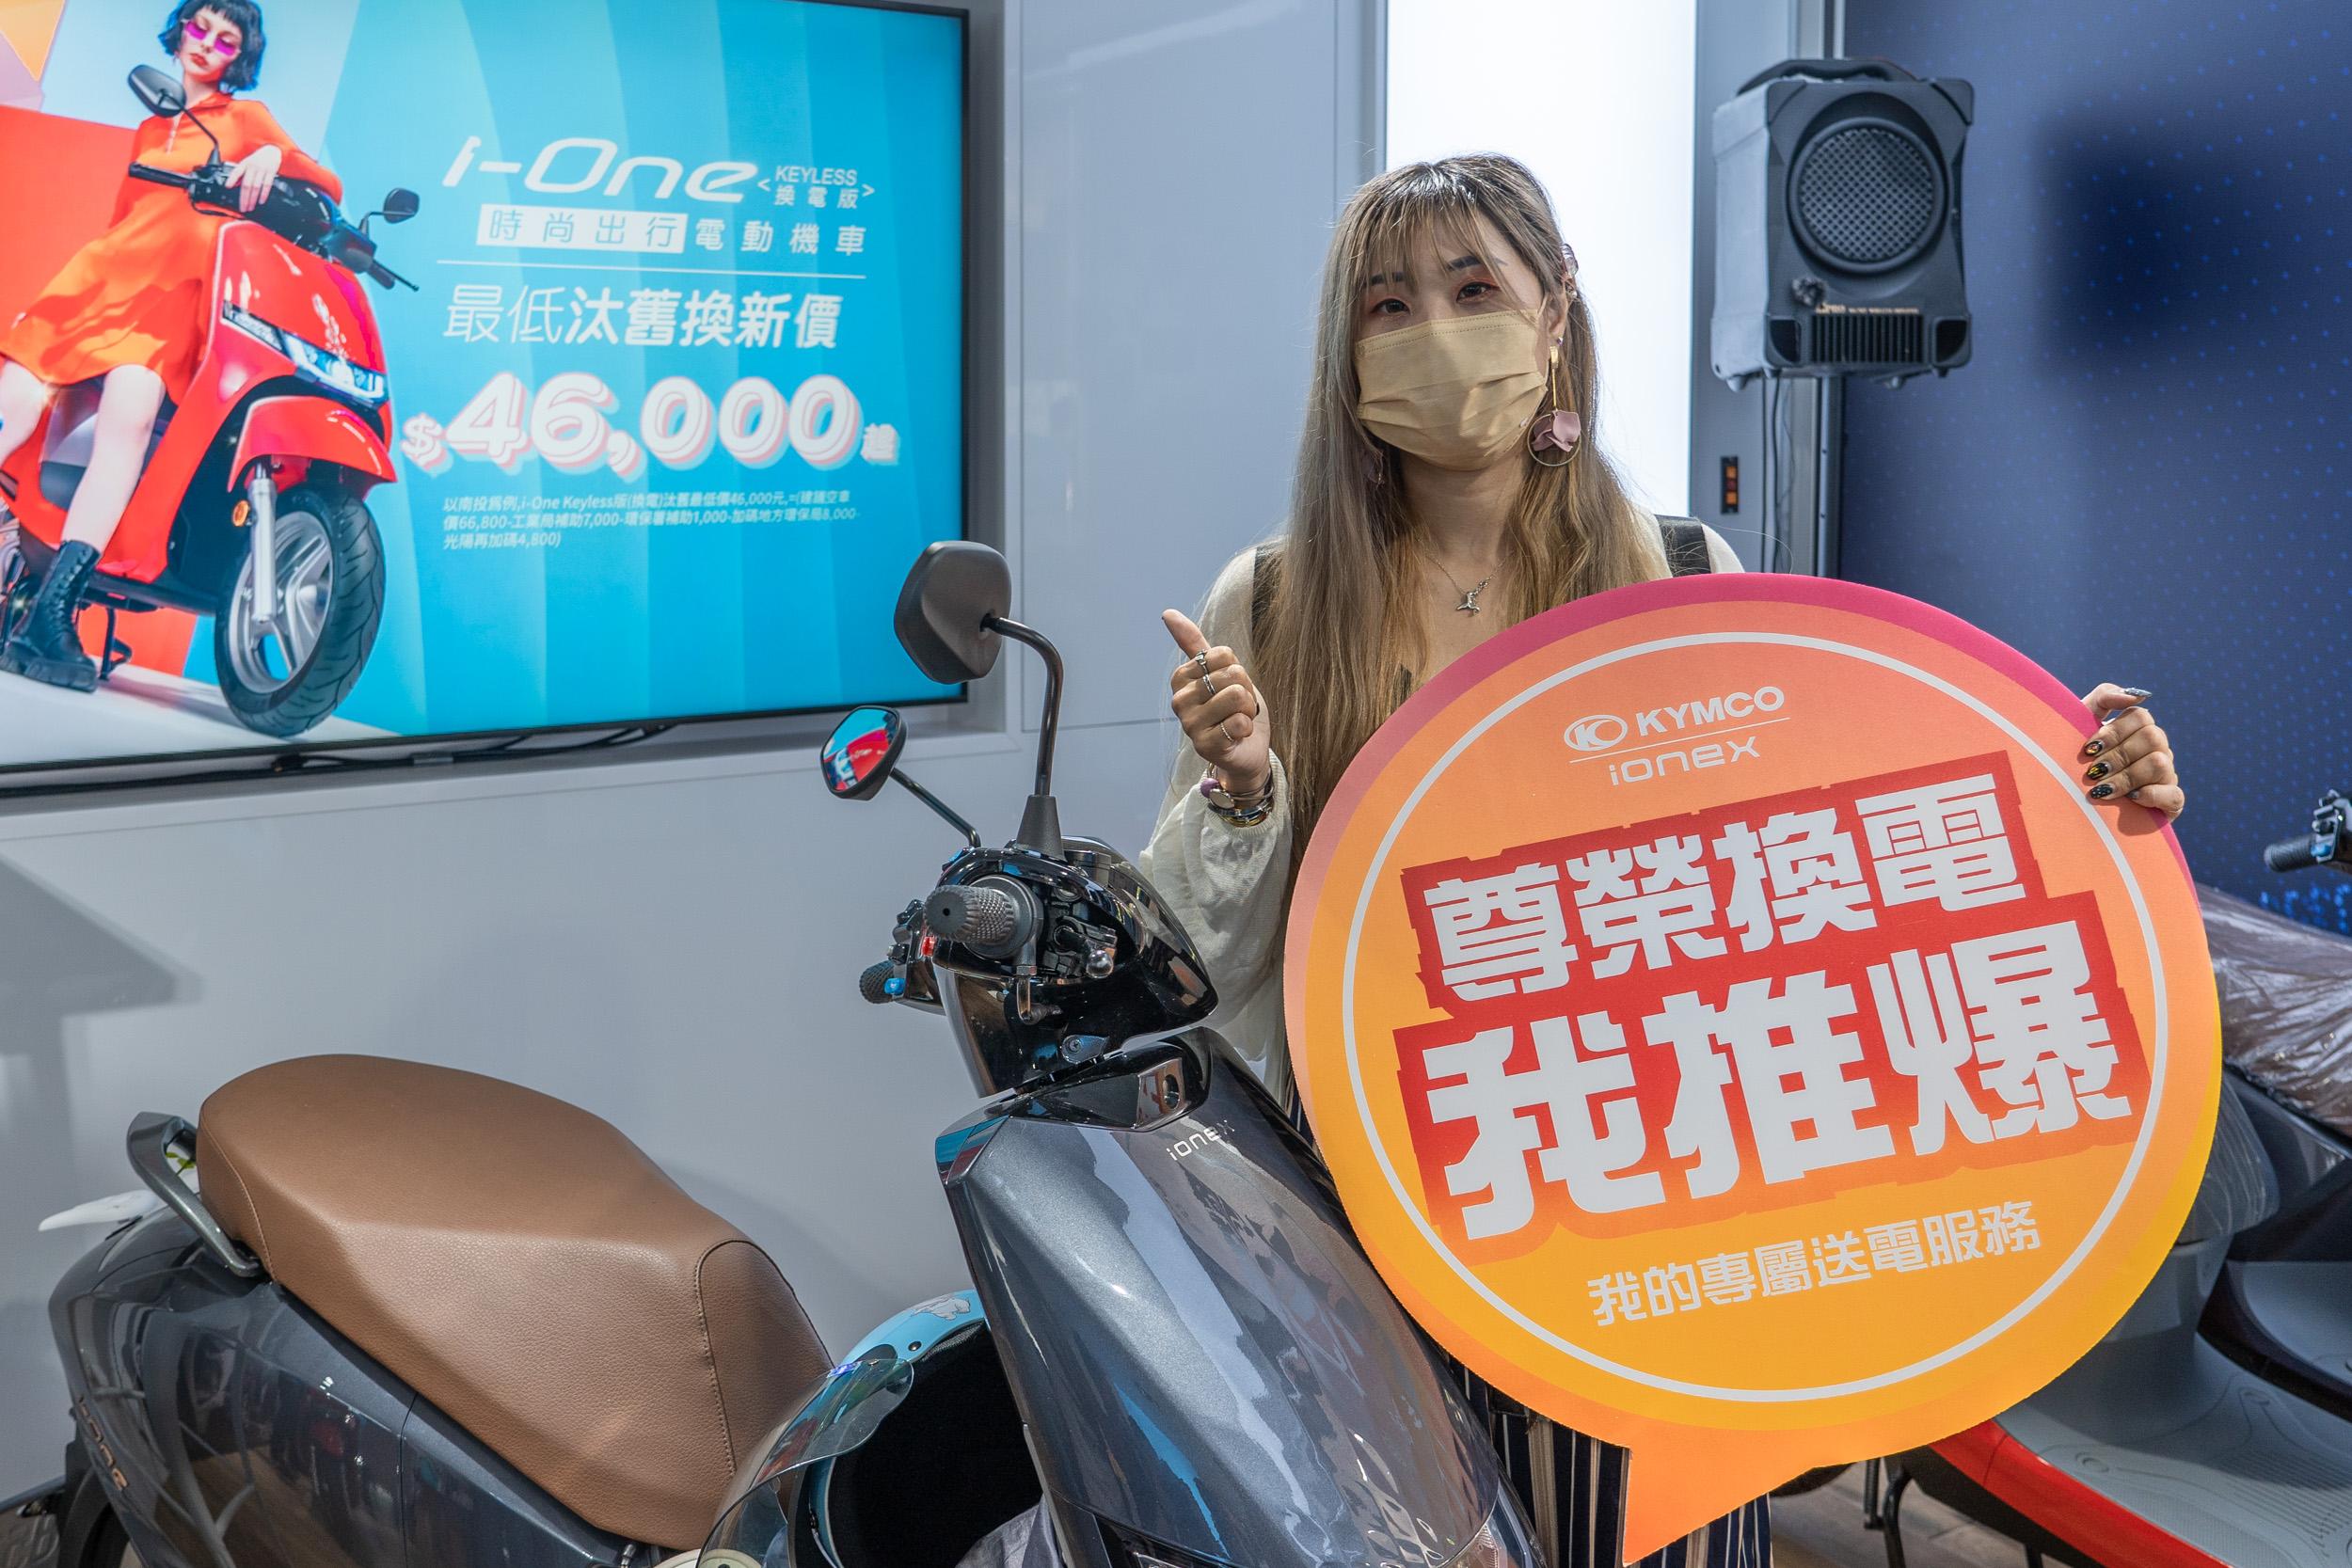 女性車主認為免除自己換電的「Ionex 尊榮換電」服務相當便利又貼心。